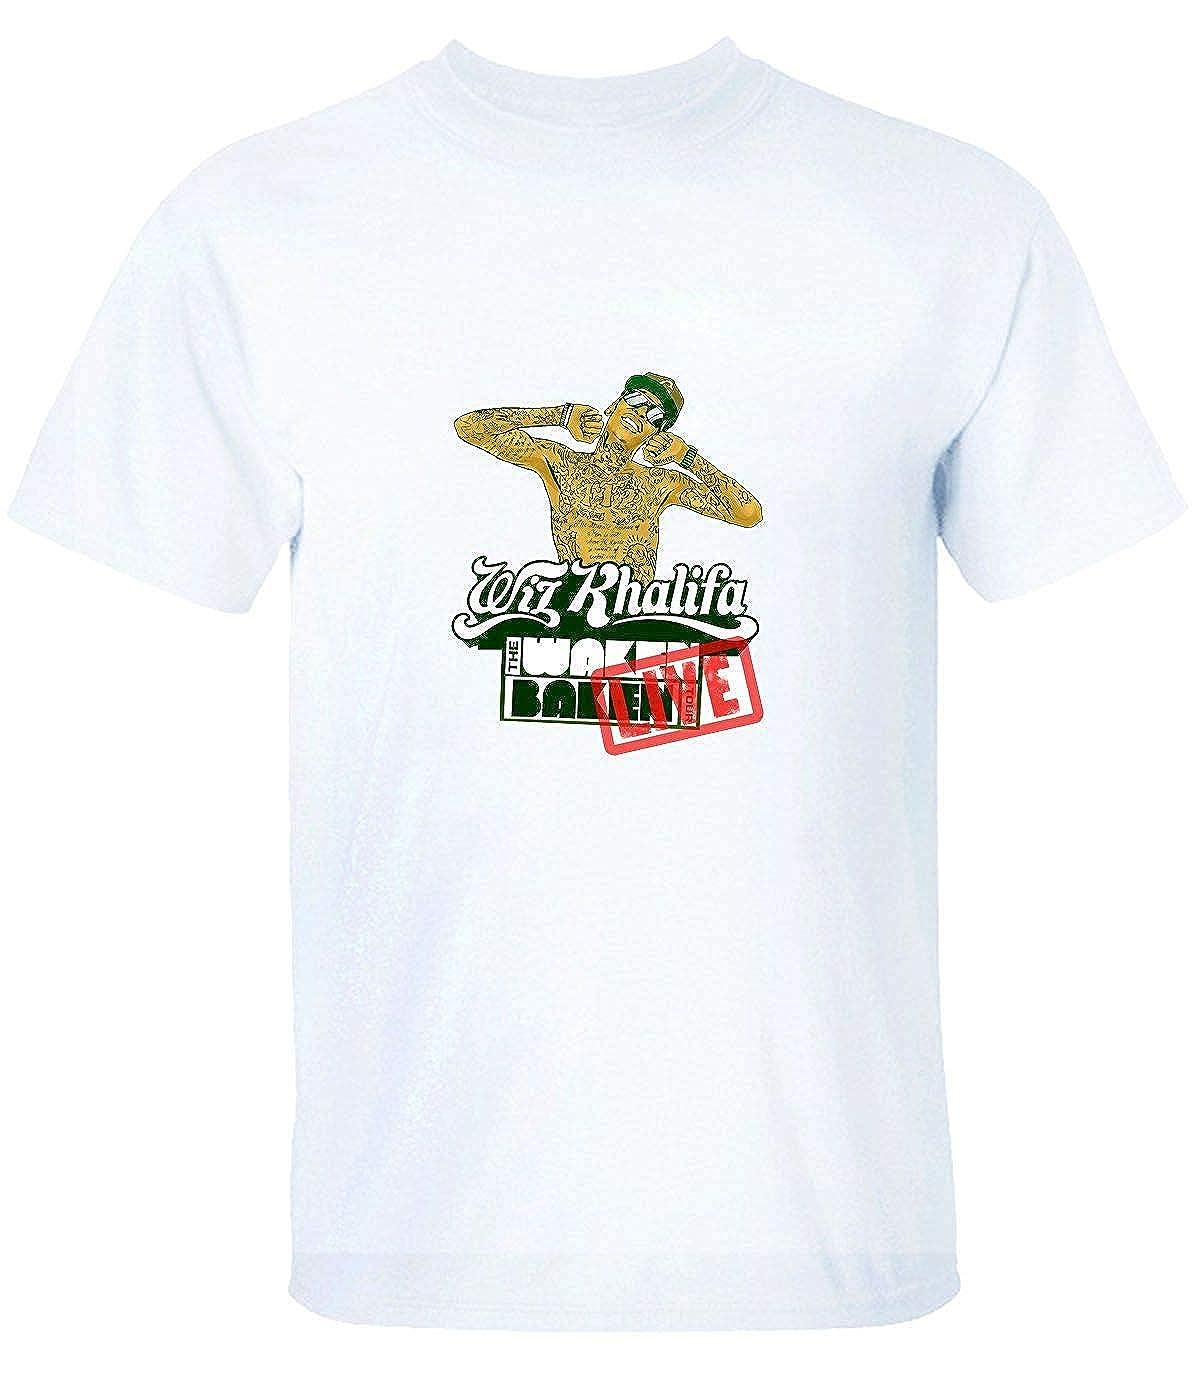 K-deio Wiz Khalifa T Shirts for Man